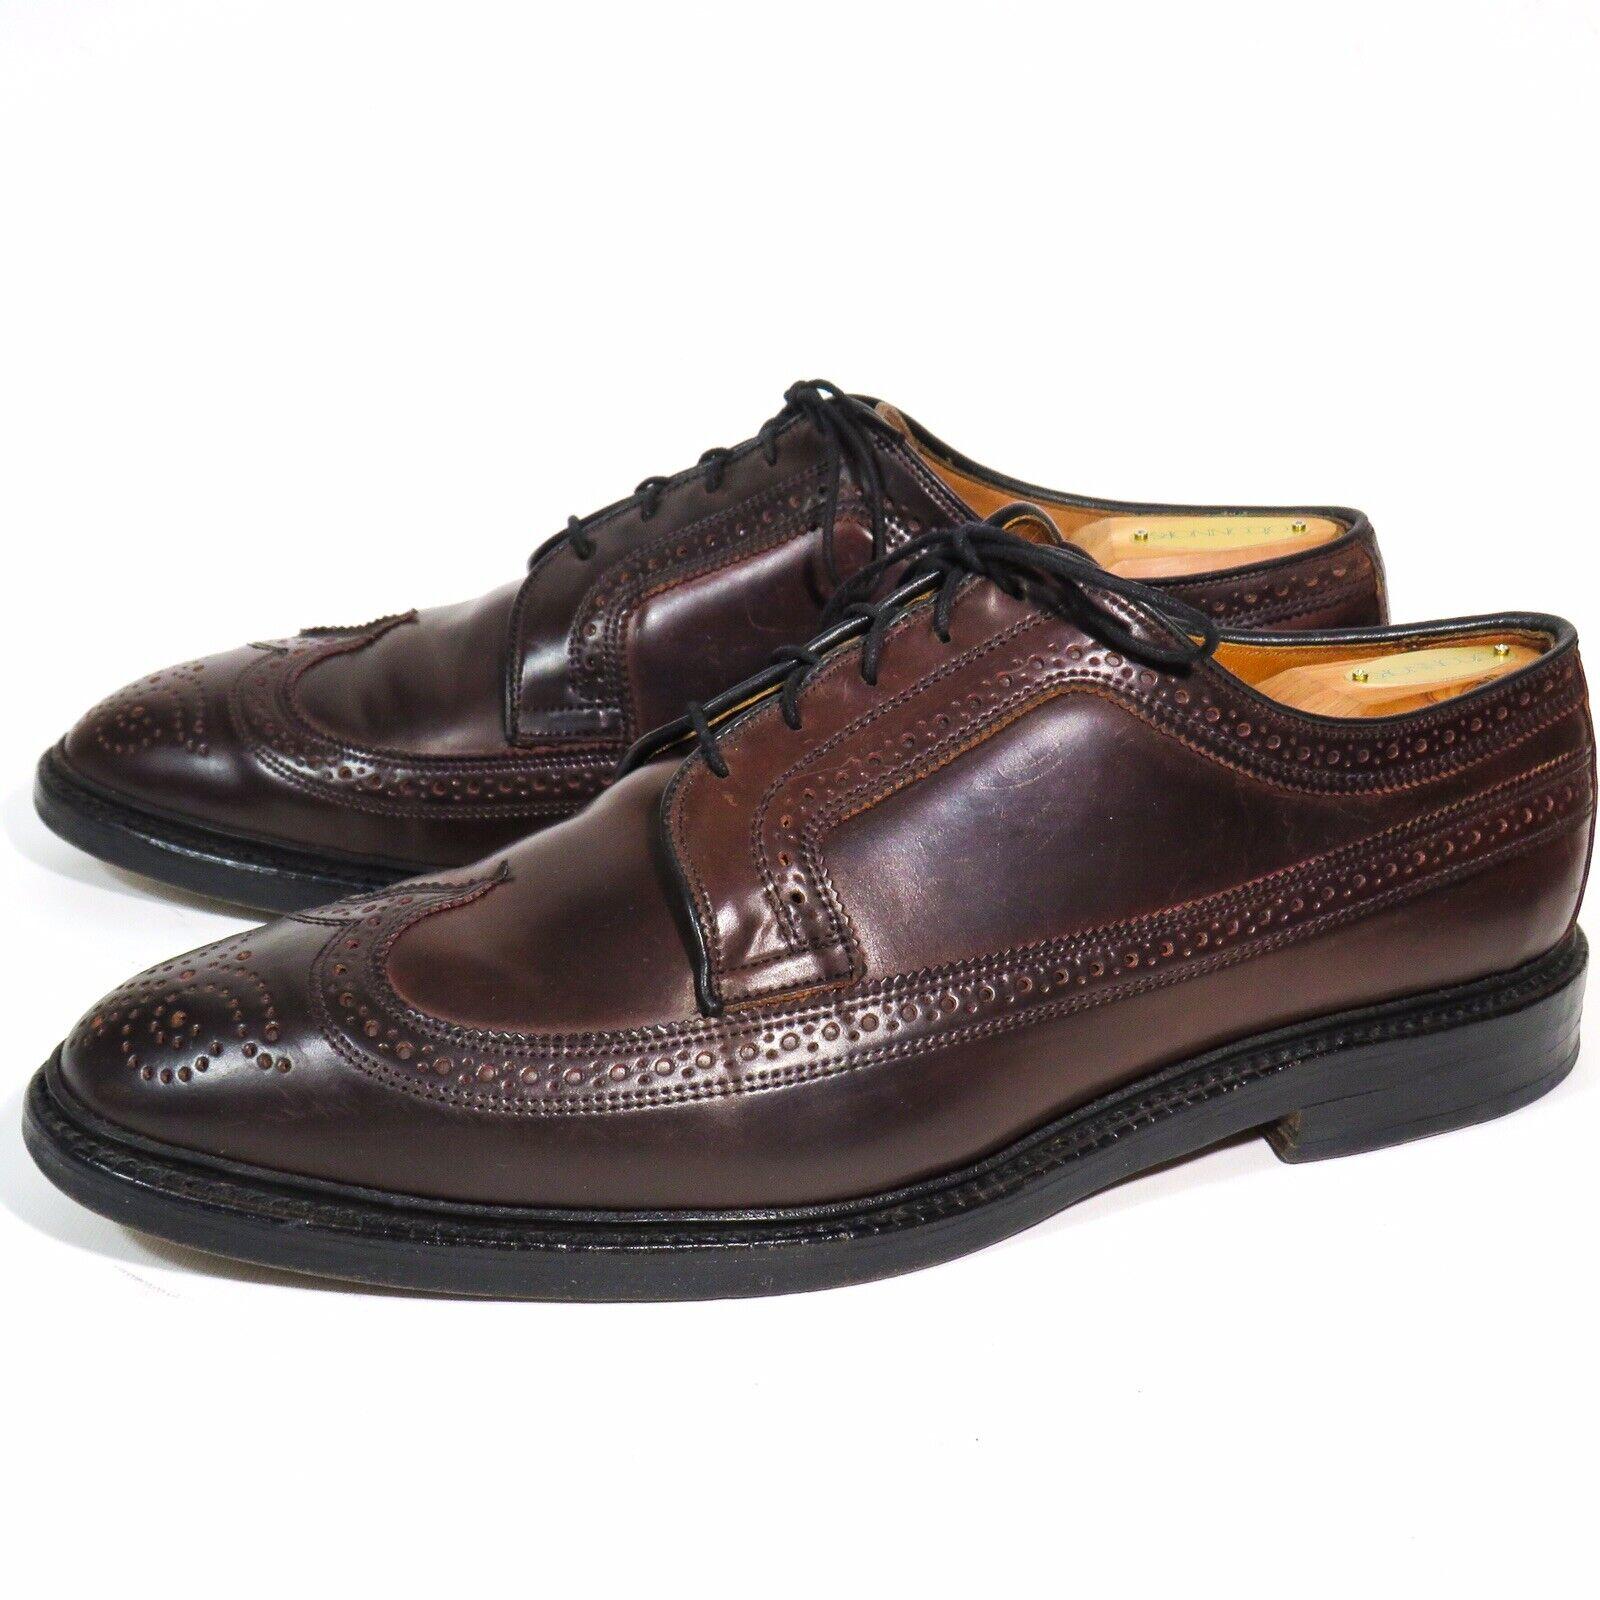 Allen Edmonds 9097 MacNeil Shell  Cordovan Borgogna Wingtip scarpe - US 11.5E USA  consegna lampo